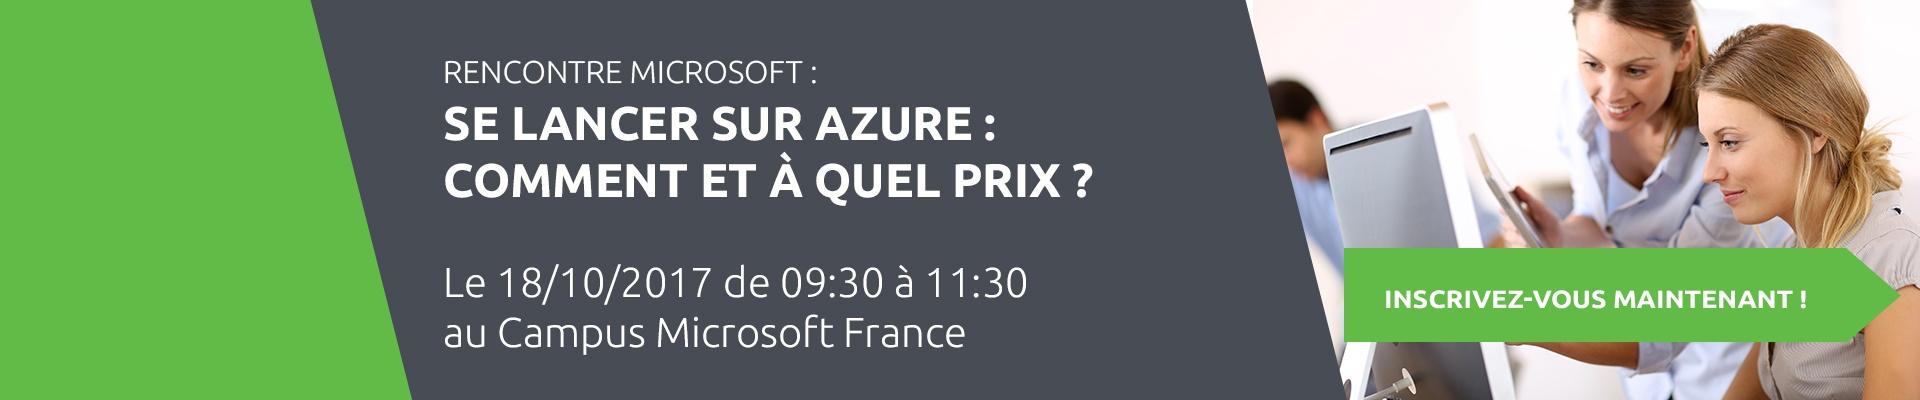 Rencontre Microsoft : SE LANCER SUR AZURE